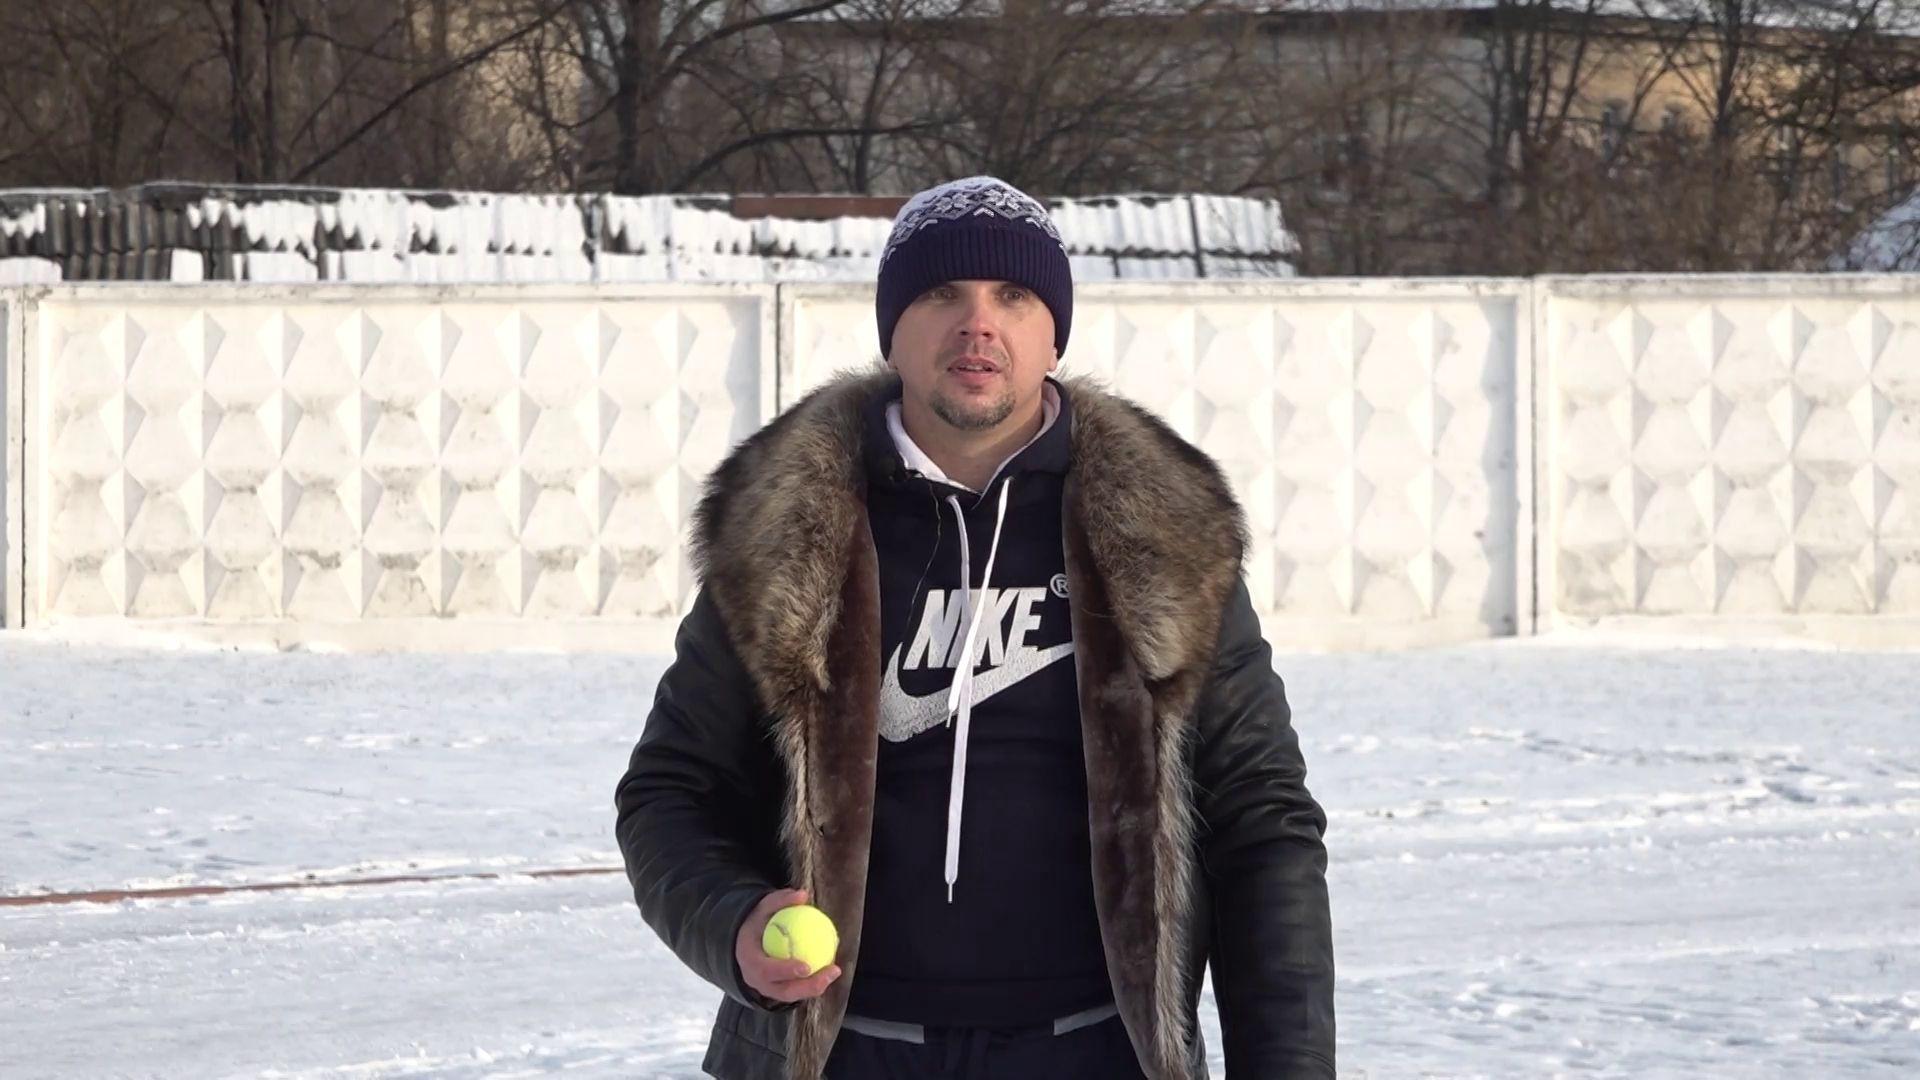 Житель Углича, потерявший зрение, получил золотой значок ГТО